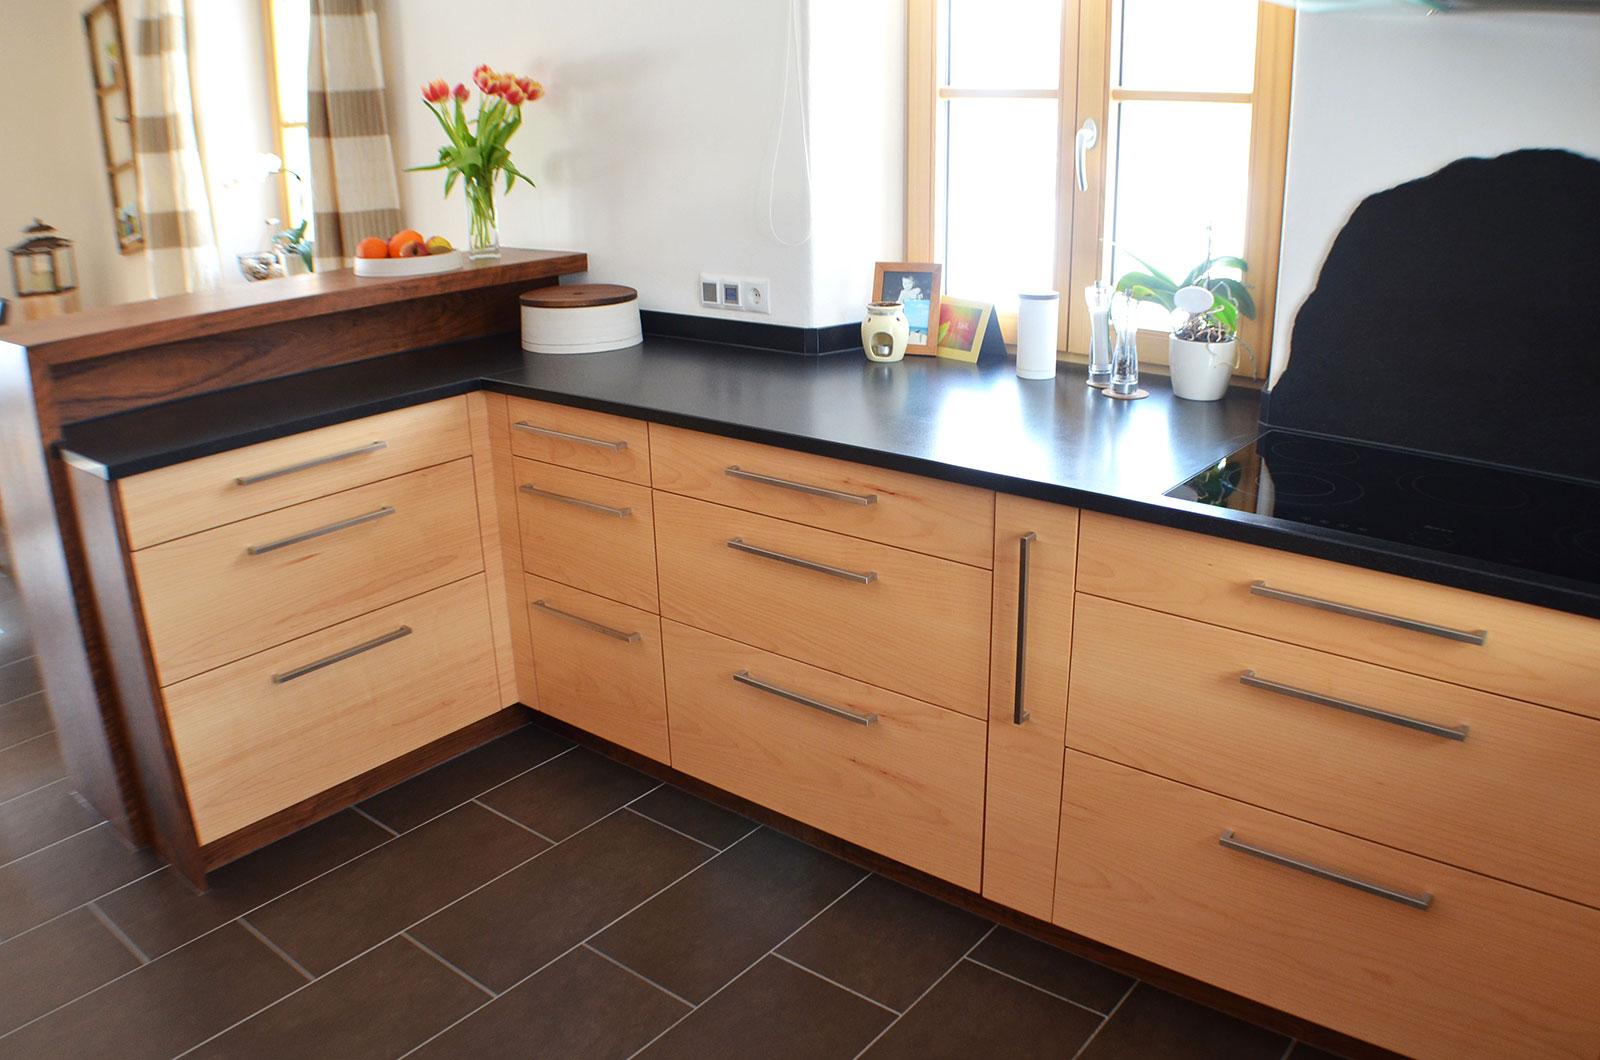 kche ahorn latest full size of sch nes zuhause sch ne kuche schwarz grun kche inform with kche. Black Bedroom Furniture Sets. Home Design Ideas